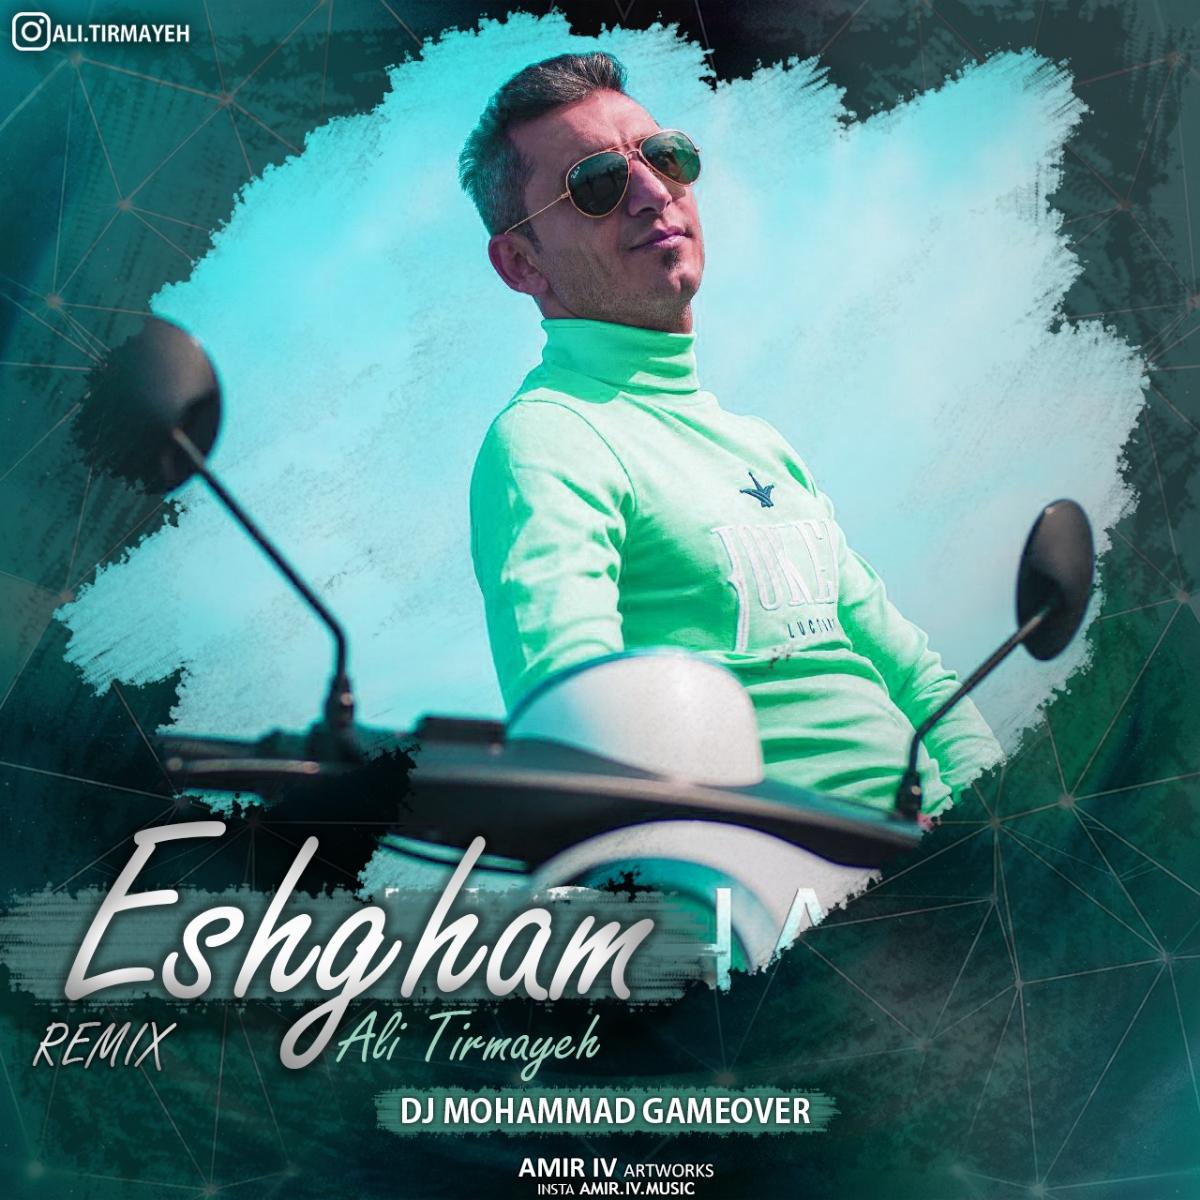 Ali Tirmaye – Eshgham (Remix)